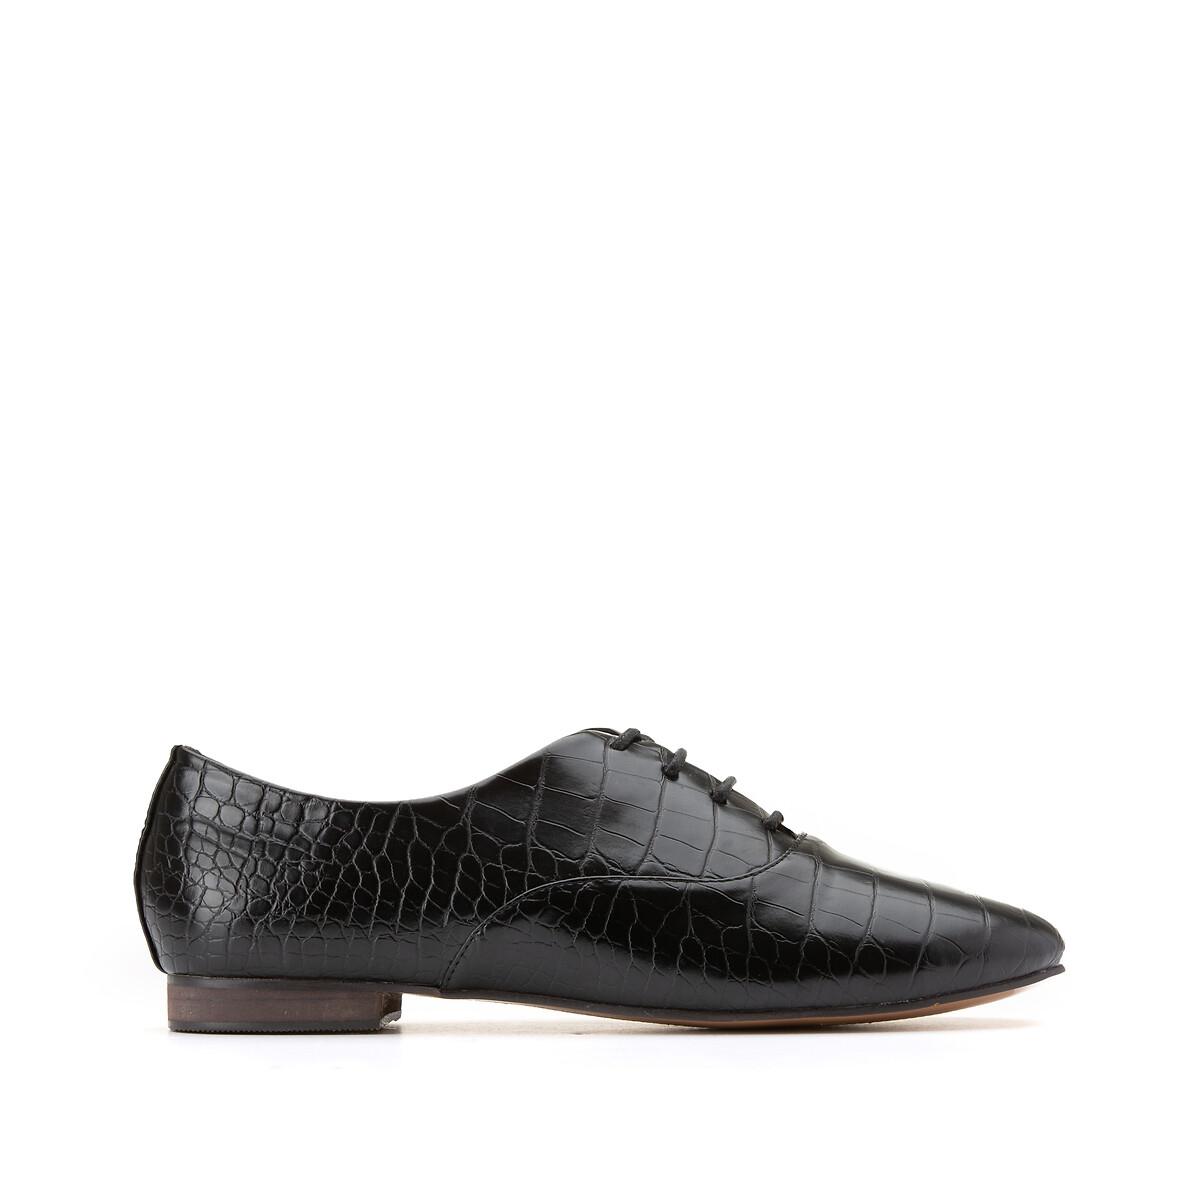 Ботинки-дерби La Redoute На шнуровке под крокодиловую кожу 39 черный